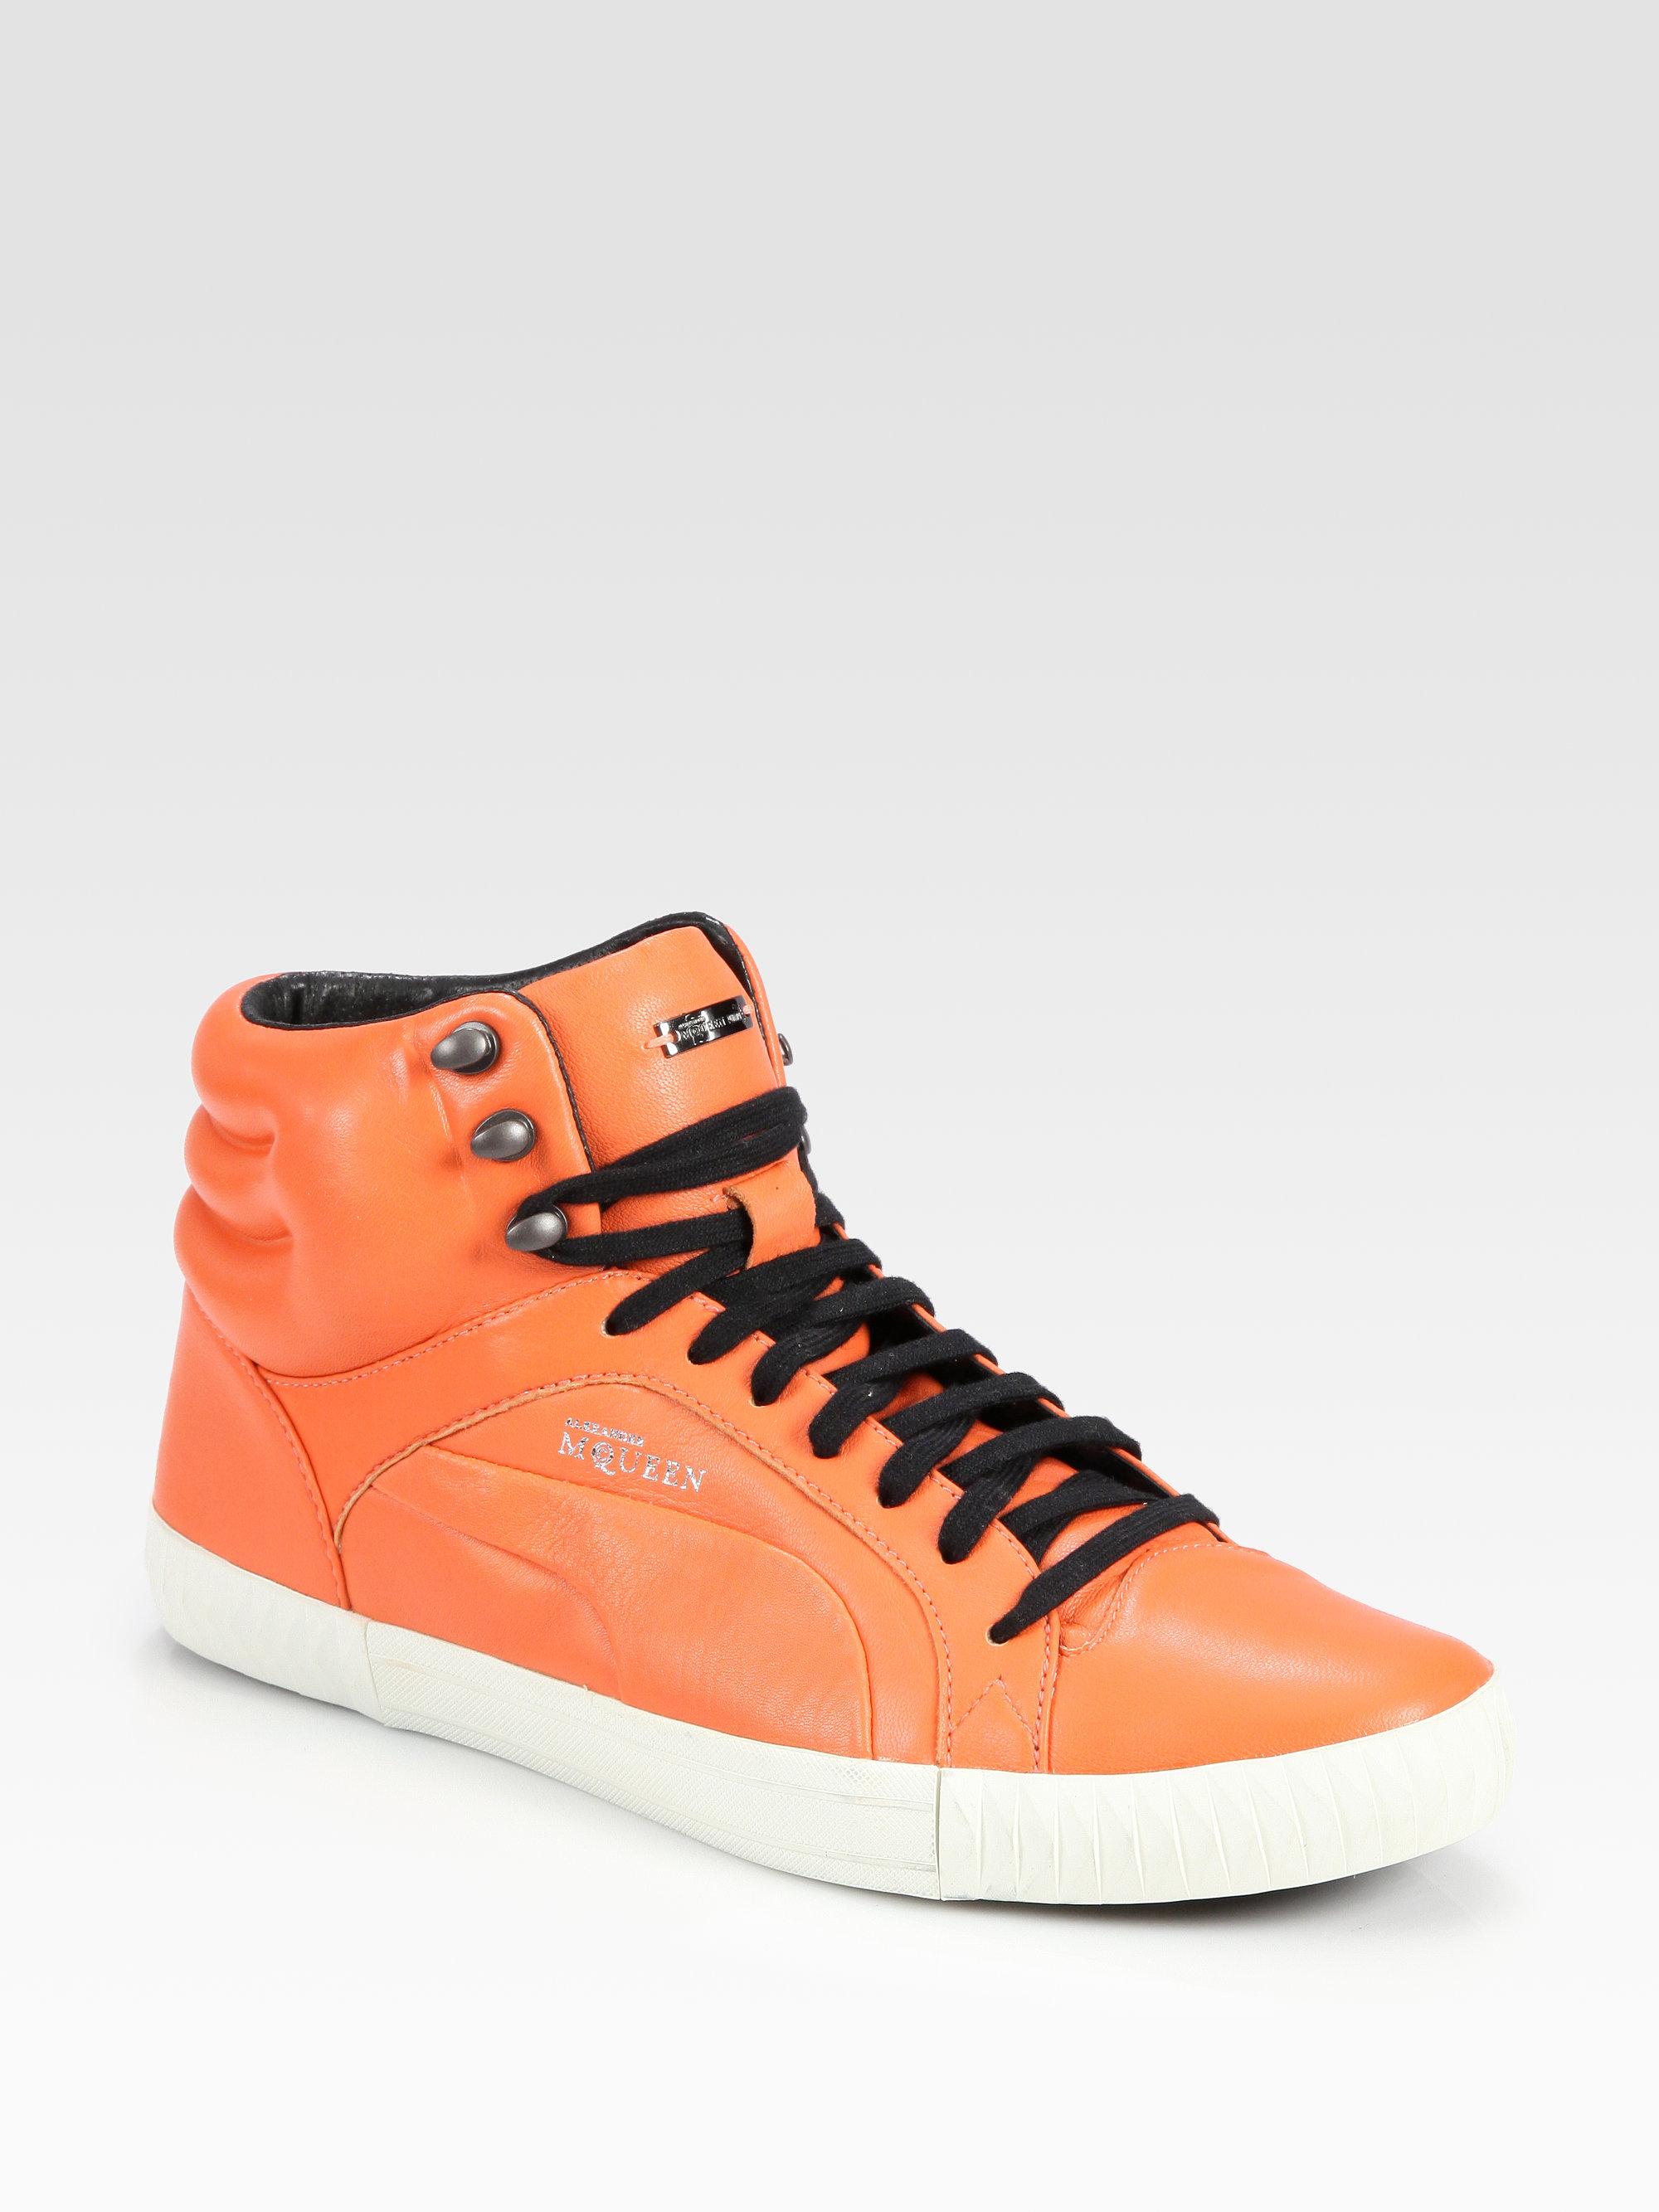 Lyst - Alexander McQueen X Puma Street Climb Mid-top Leather ... 877fffb6d